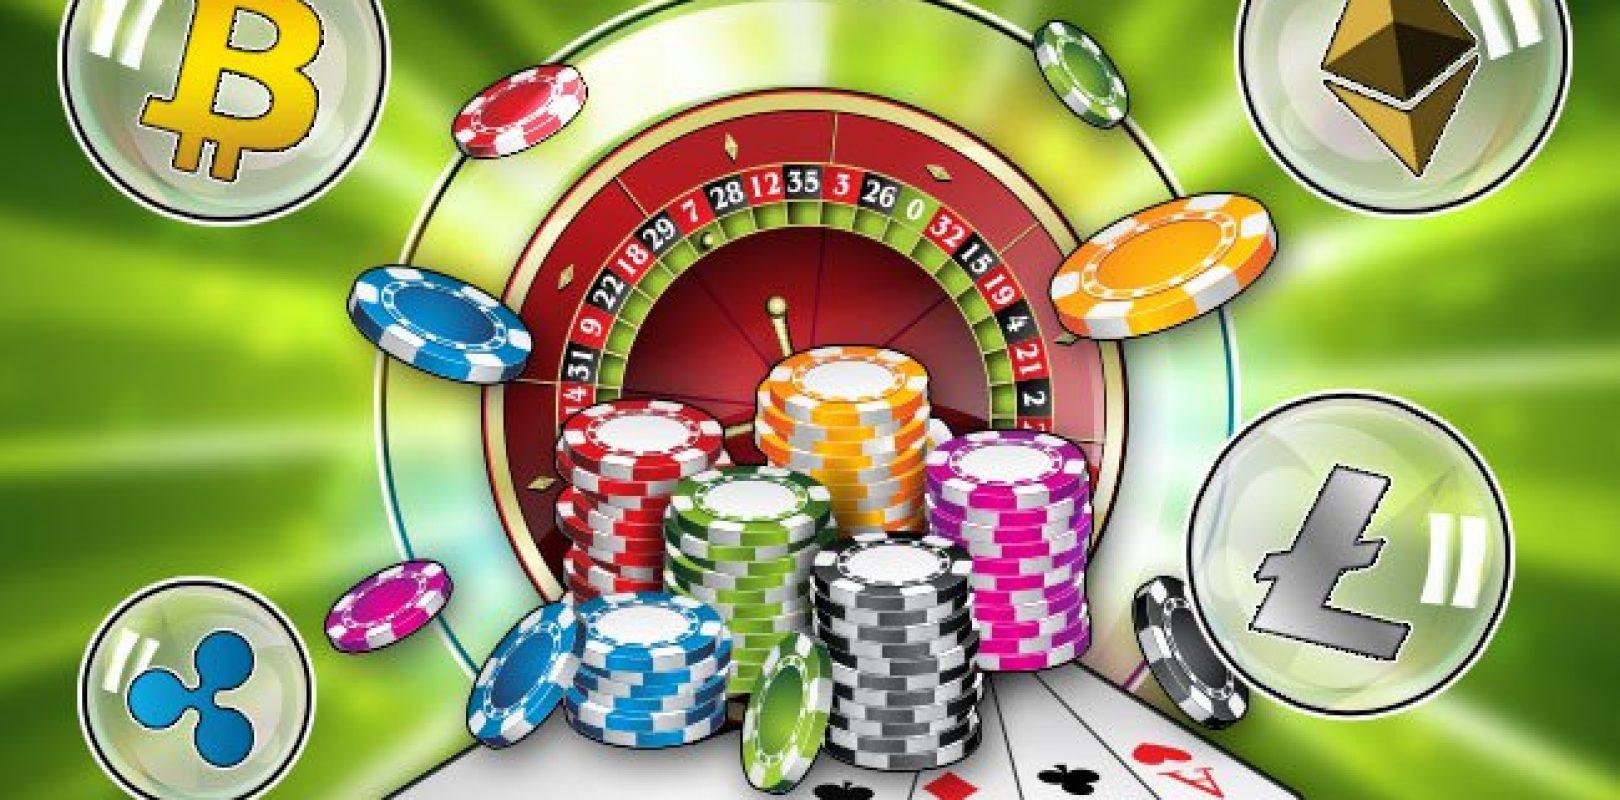 Online casino welcome bonus no deposit uk